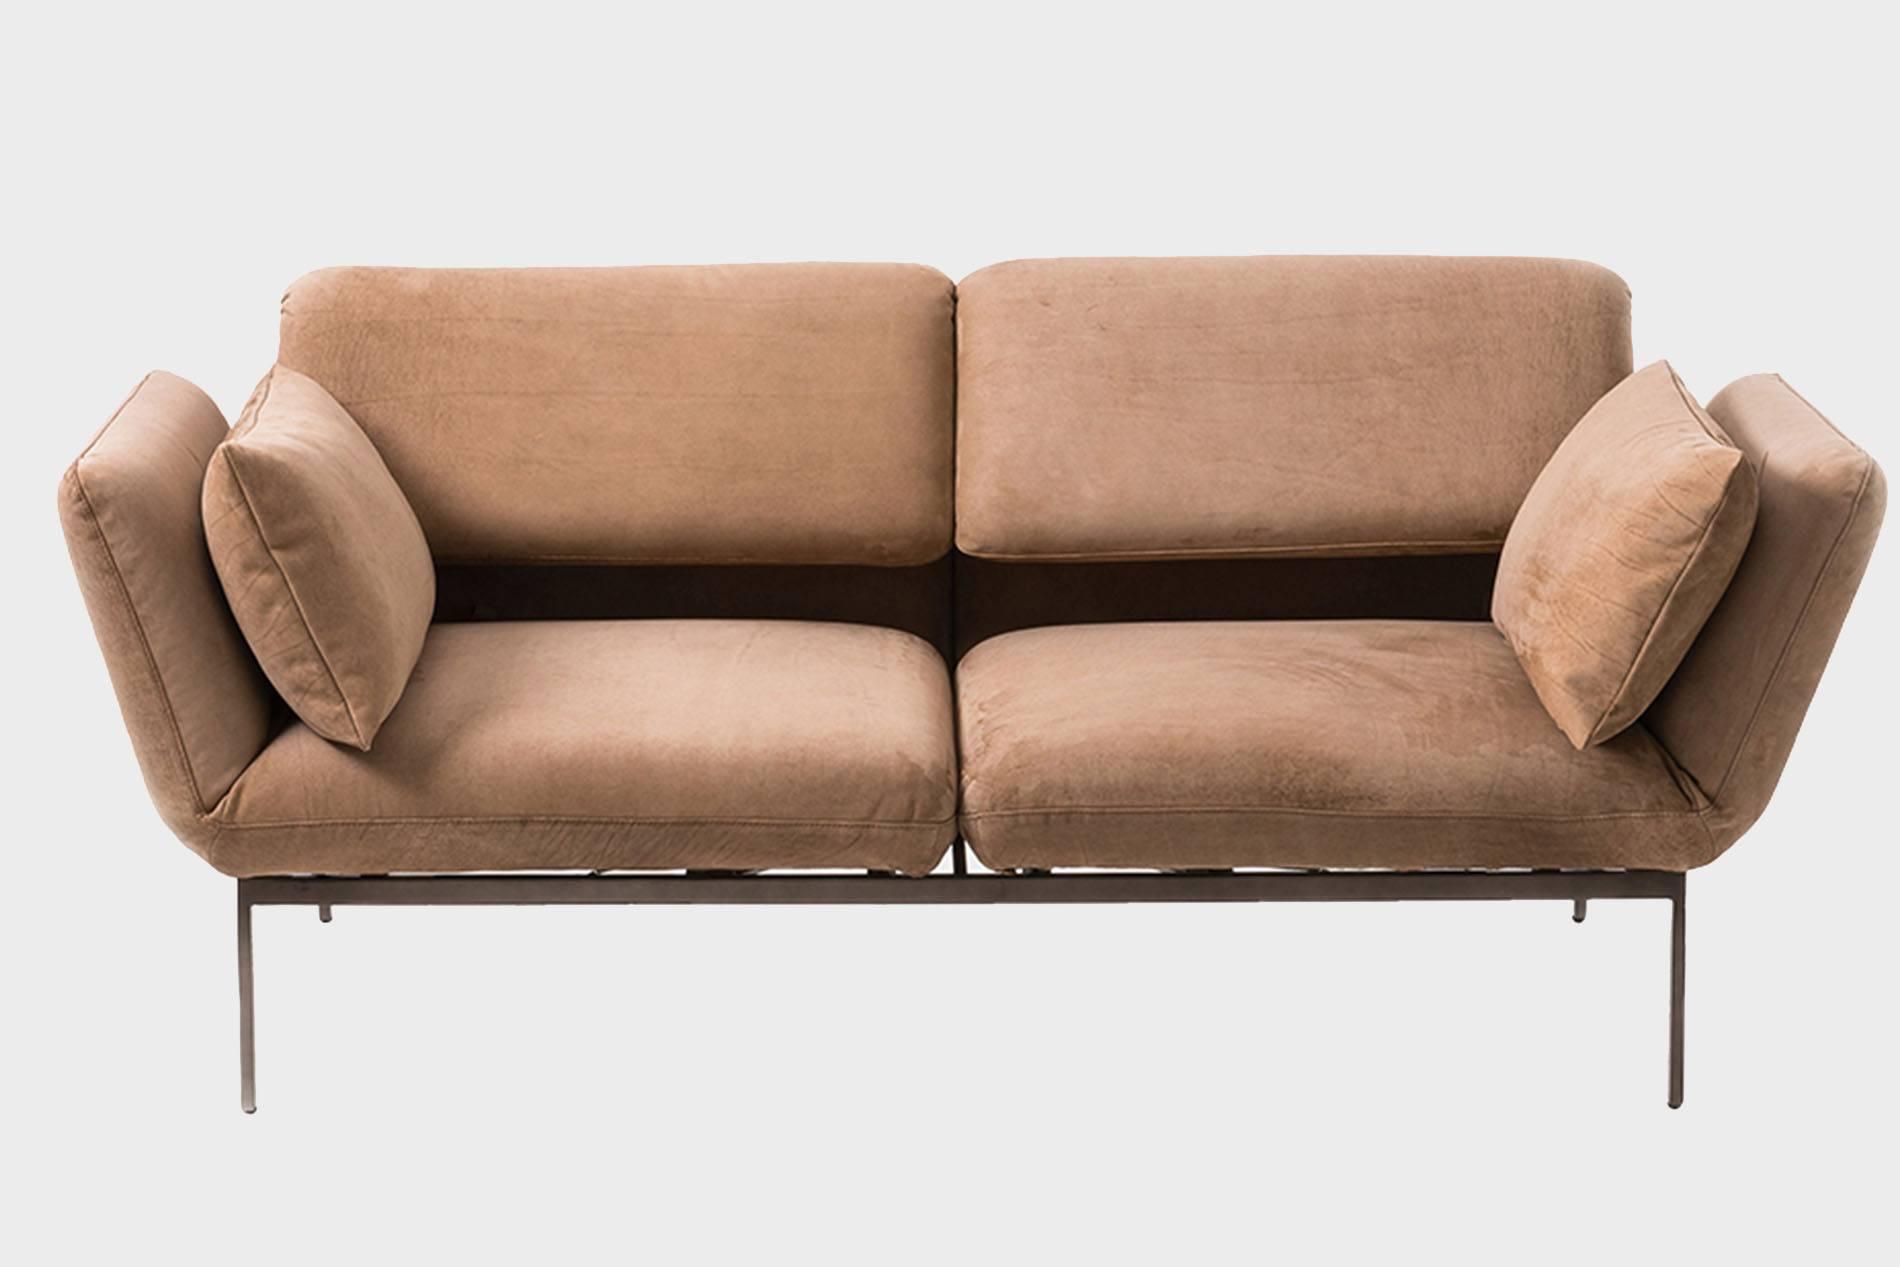 kleines sofa zum ausziehen kleines sofa zum ausziehen. Black Bedroom Furniture Sets. Home Design Ideas